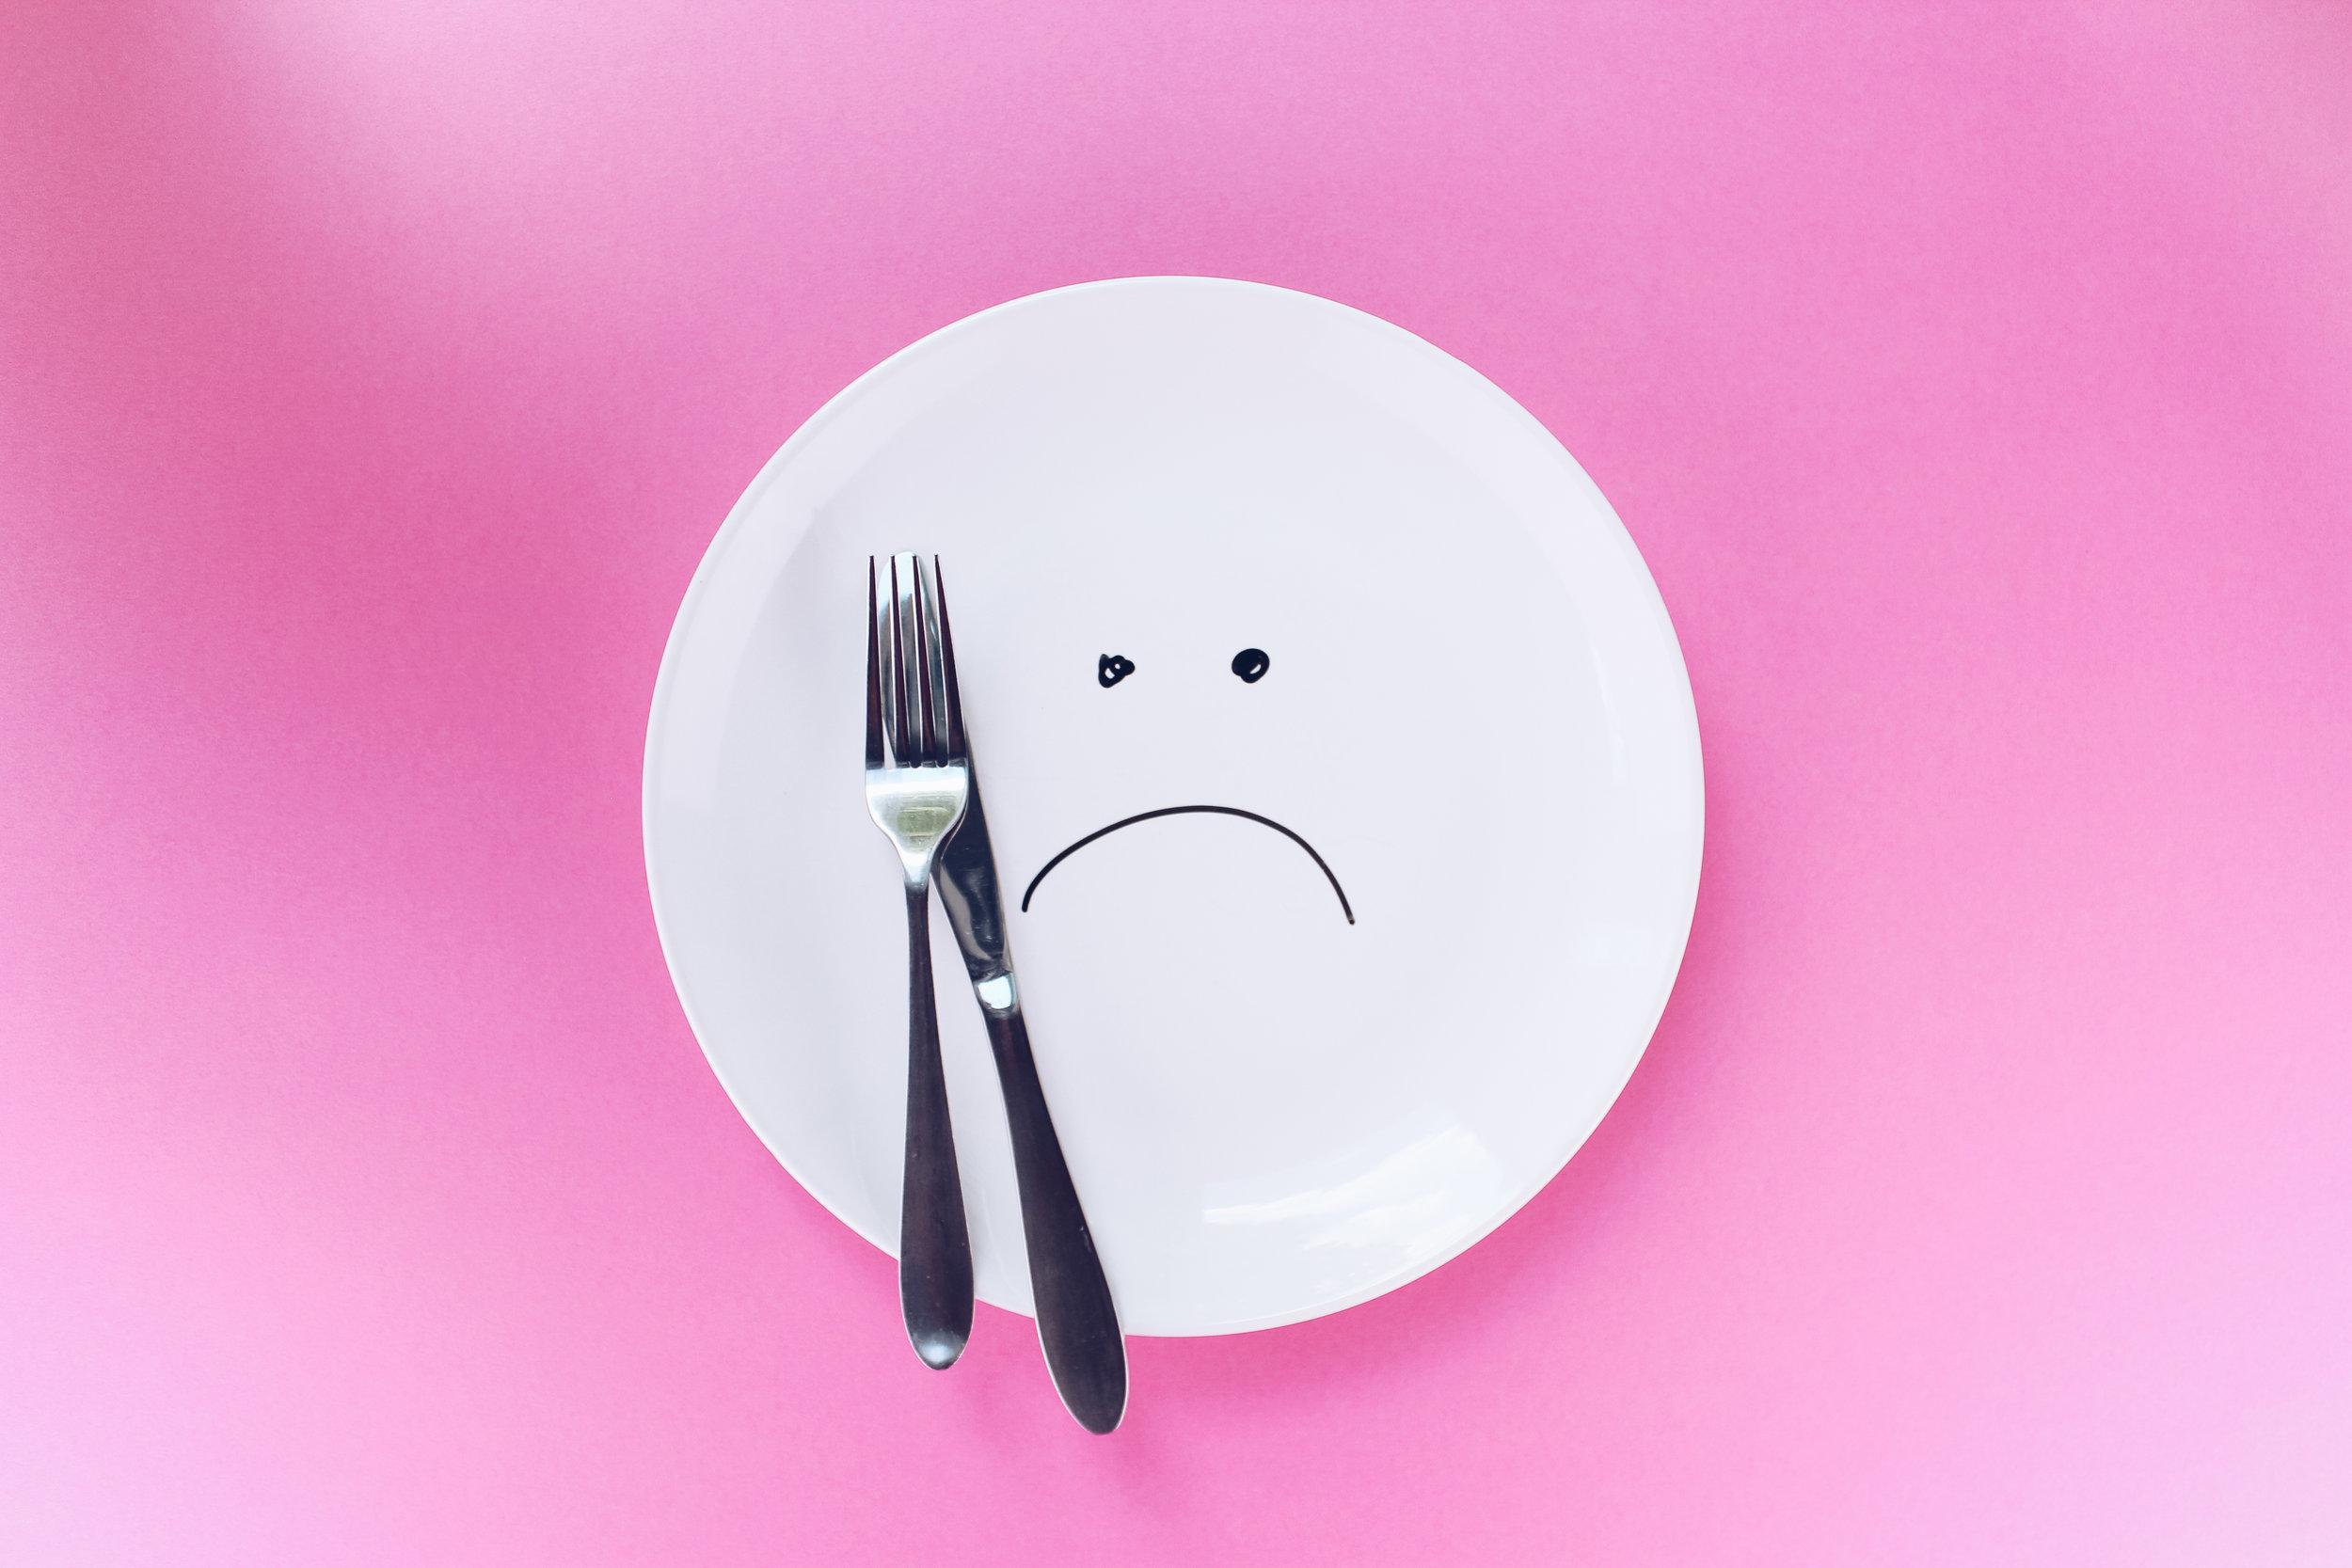 - Hunger